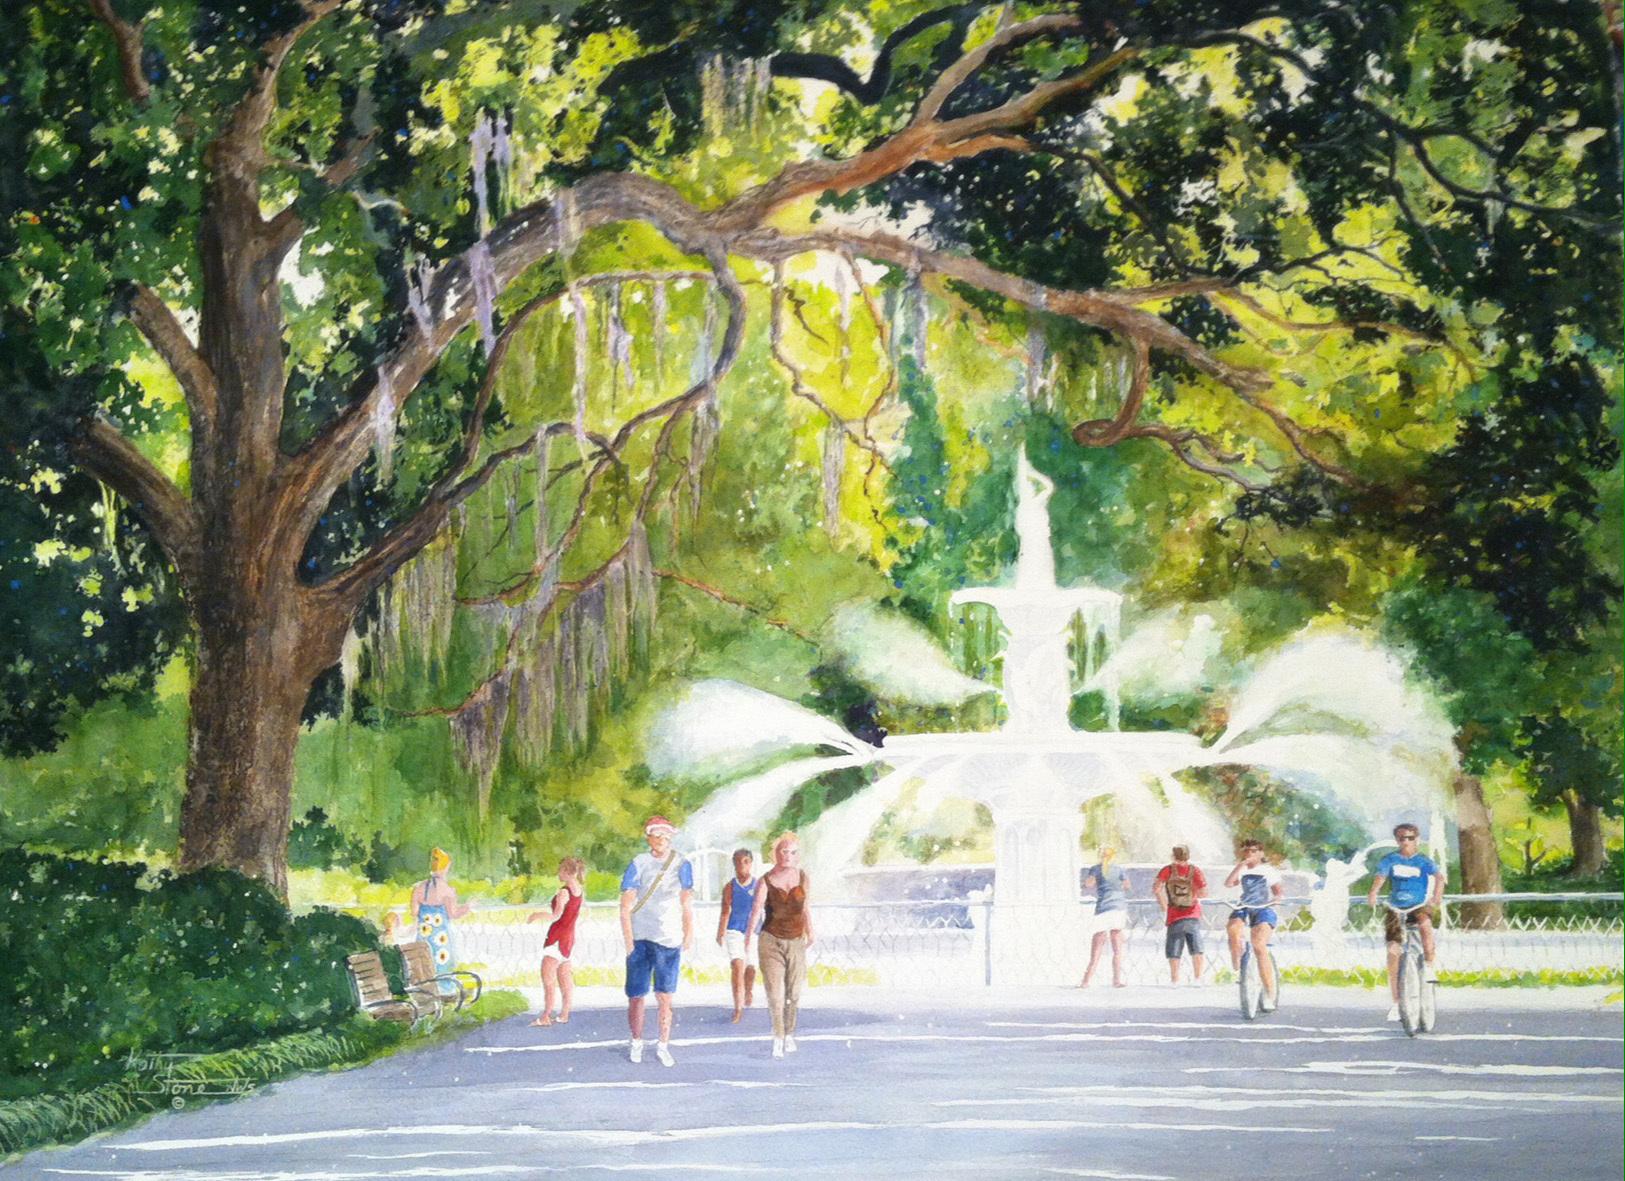 Stone-Kathy-Miller-Forsyth-Park-Fountain-22x30